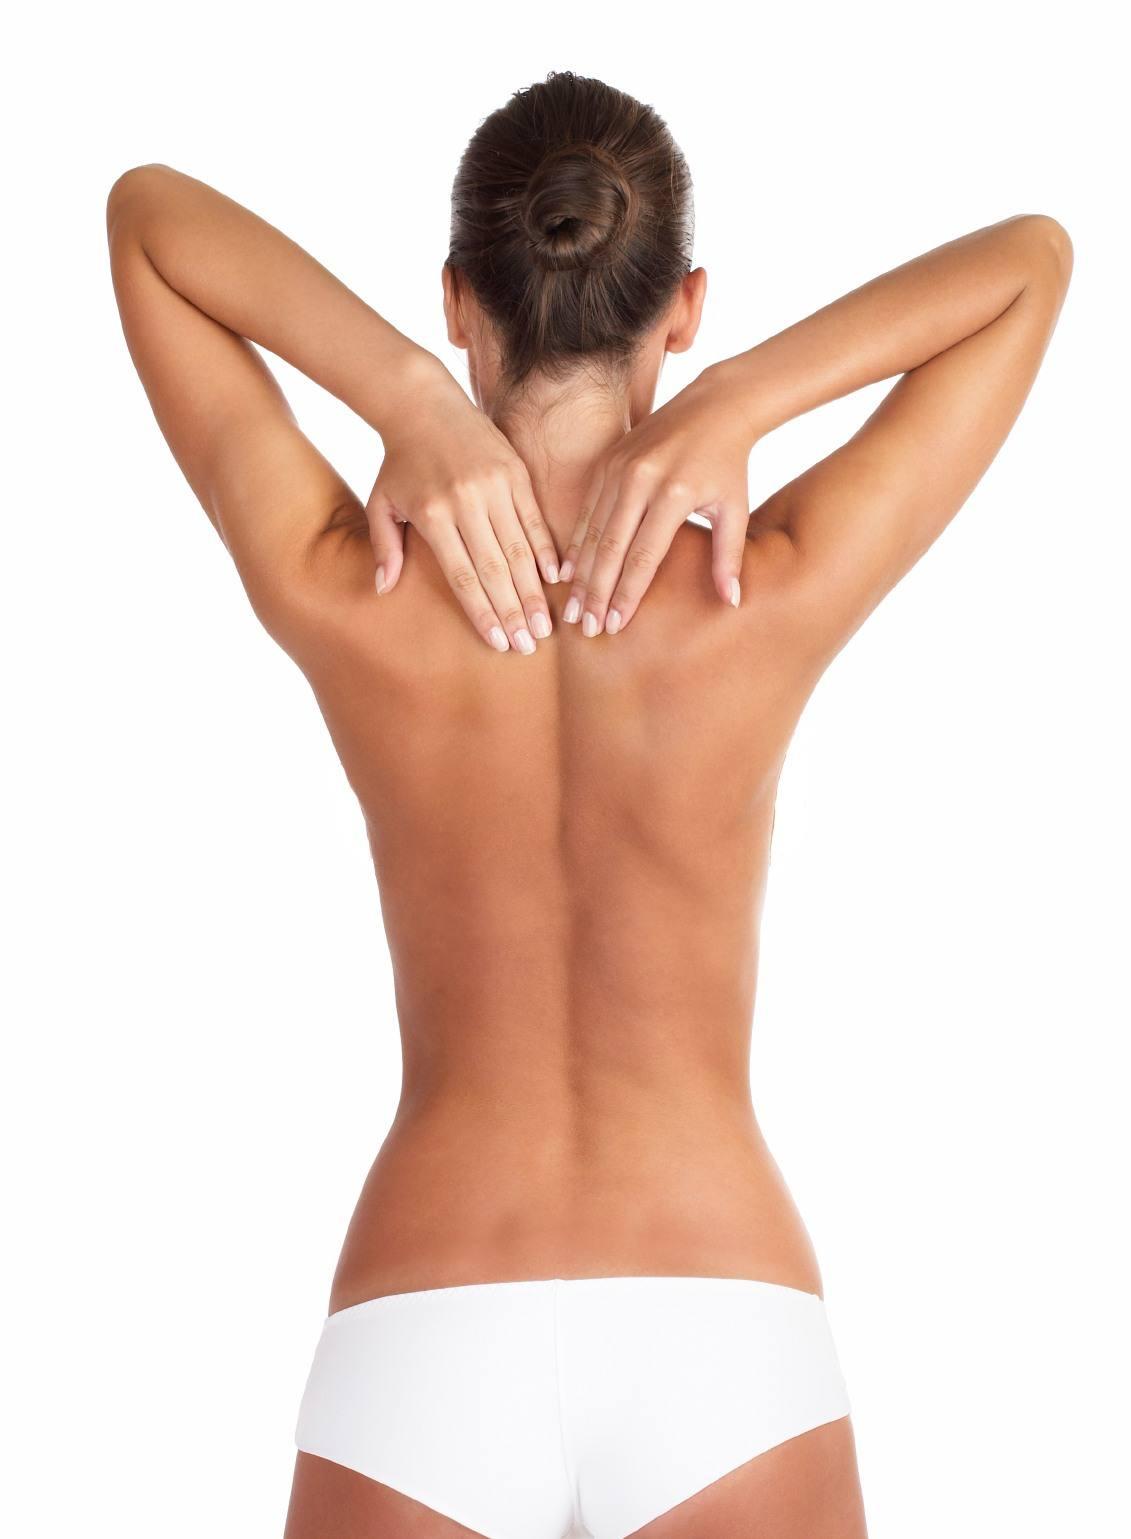 Сколиоз - здоровая спина